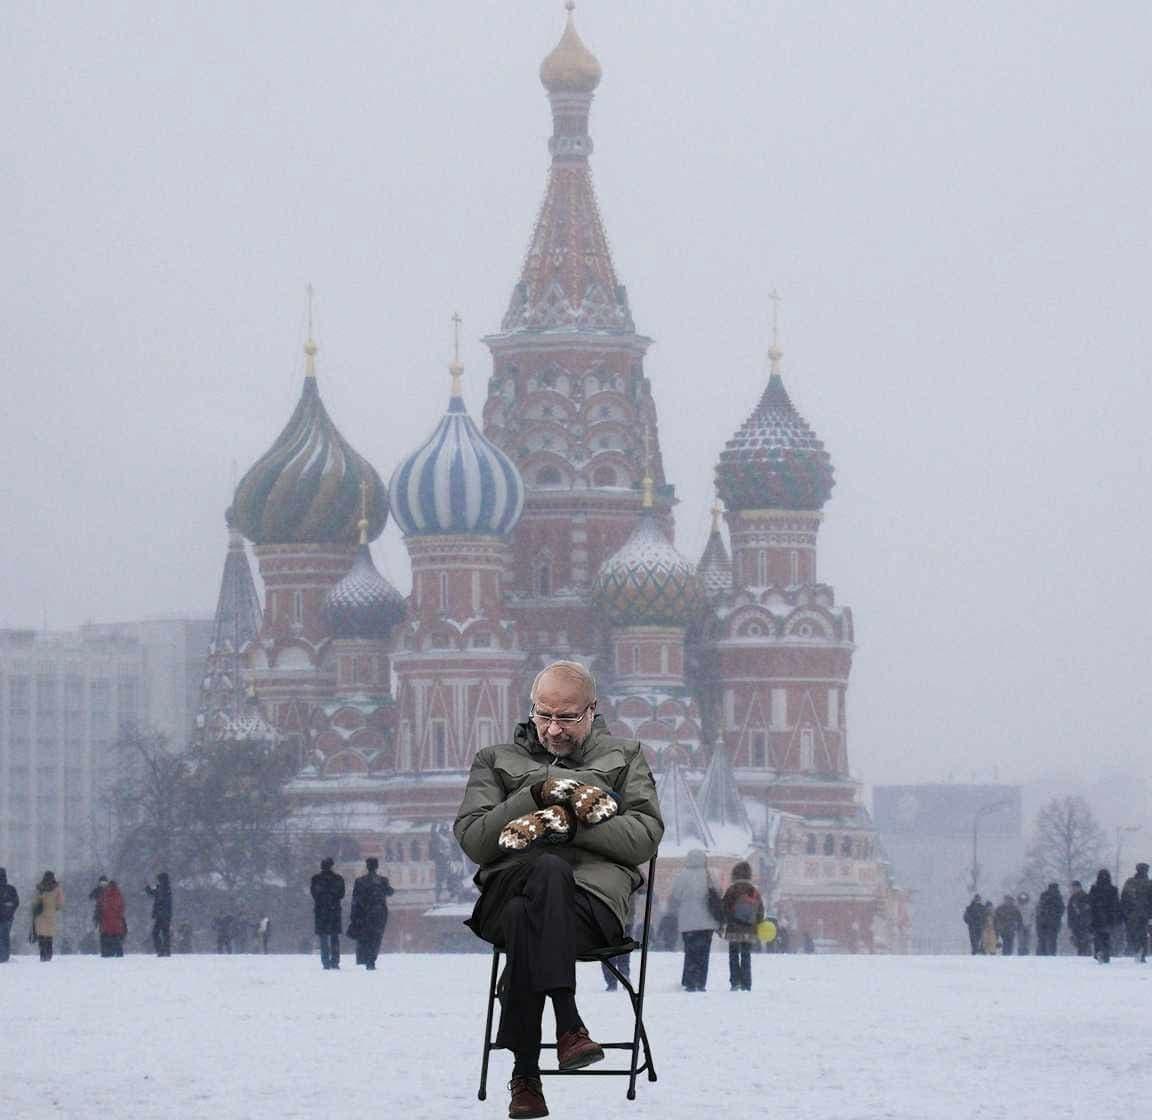 شوخی برنی سندرزی با حاشیههای سفر قالیباف به مسکو/ عکس